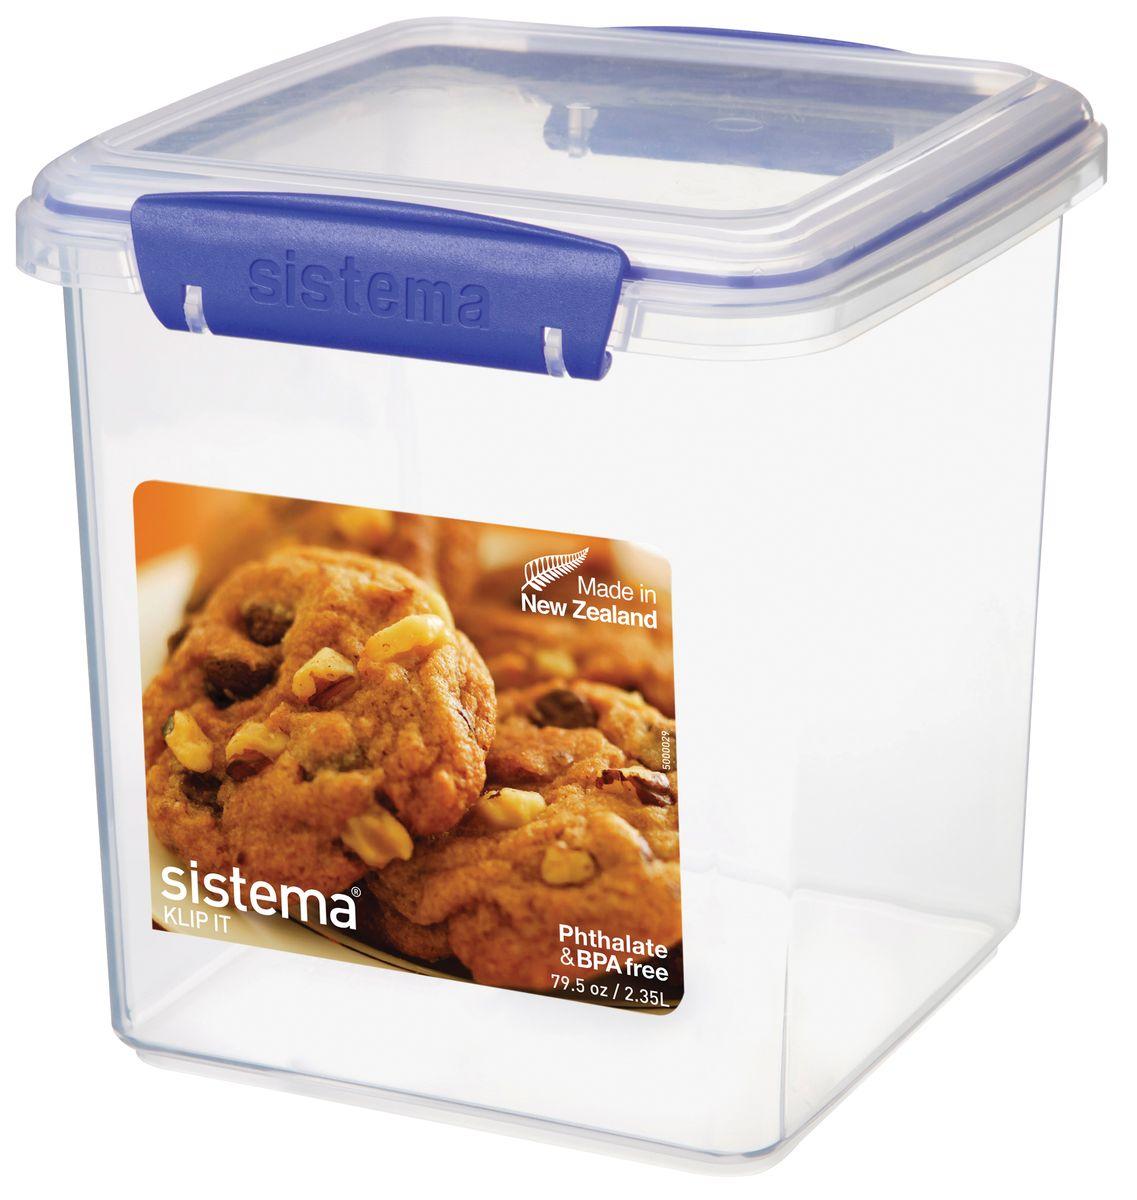 Контейнер для печенья Sistema Klip It, 2,35 л1334Контейнер Klip It предназначен для хранения печенья. Контейнеры вкладываются один в другой для экономии места при хранении. Крышка с силиконовой прокладкой герметично закрывается, что помогает дольше сохранить полезные свойства продуктов. Контейнер надежно закрывается клипсами, которые при необходимости можно заменить.Можно мыть в посудомоечной машине.